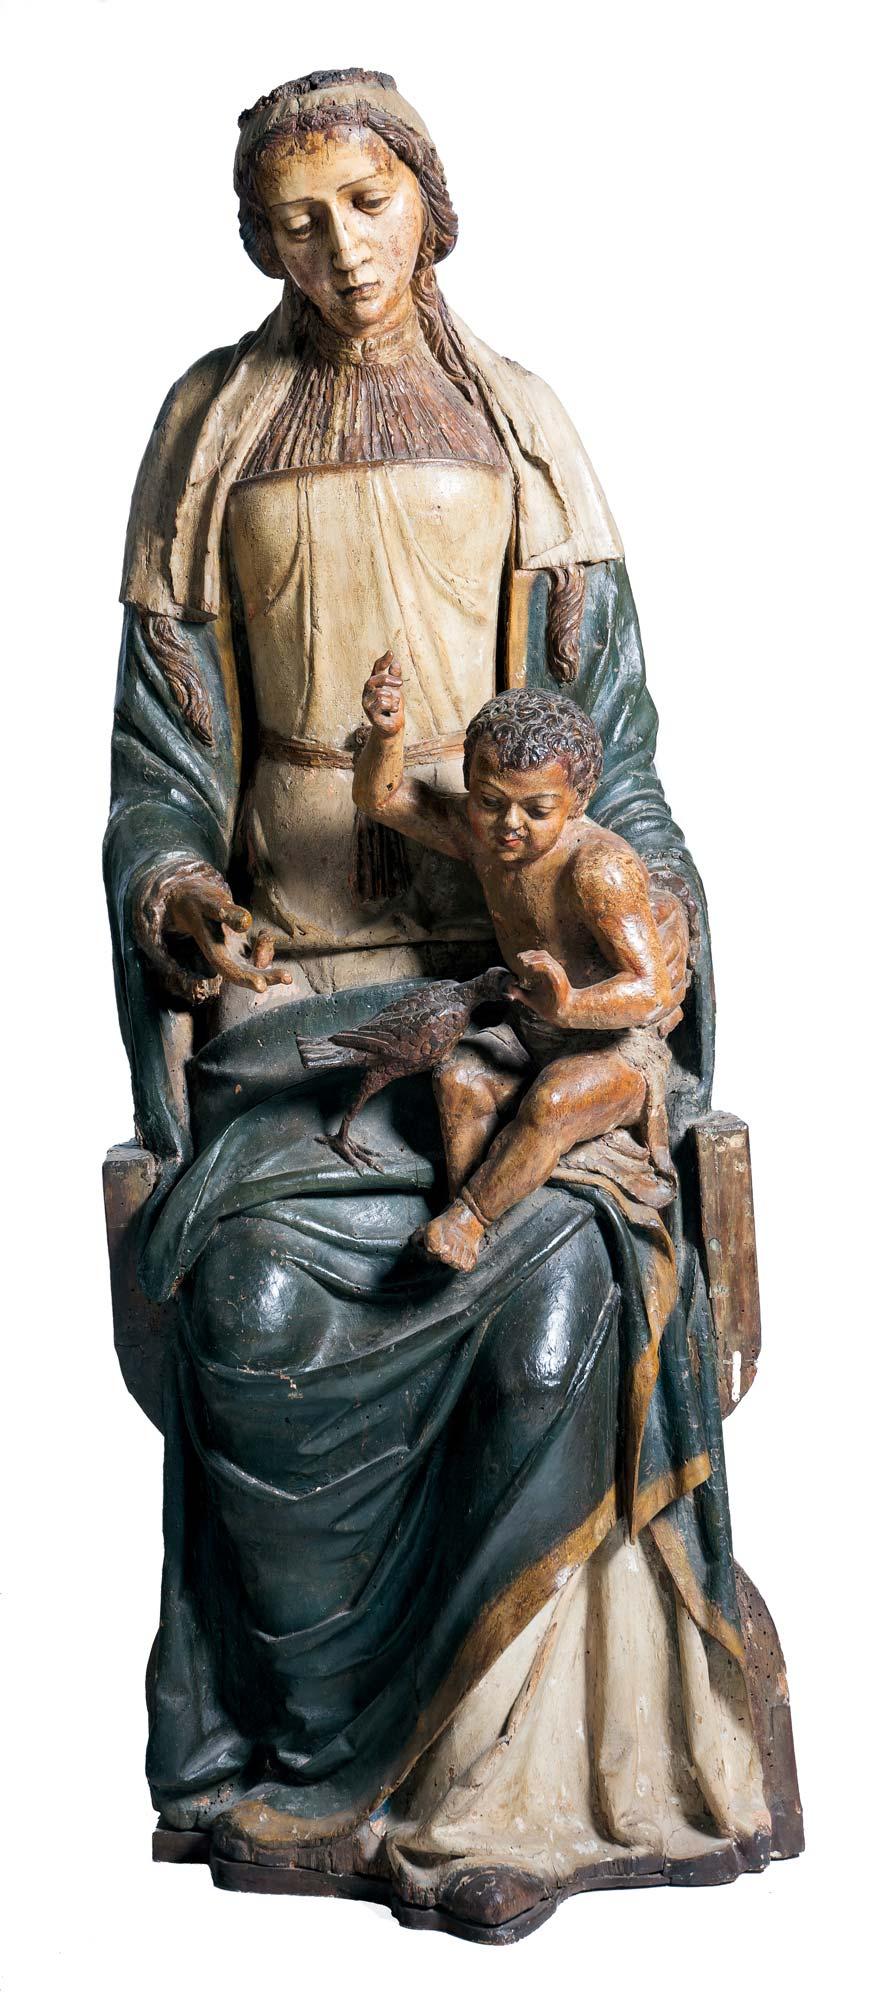 fl064_01-Virgen-sentada-con-el-Niño-Escuela-italiana-pp.-S.-XV.00